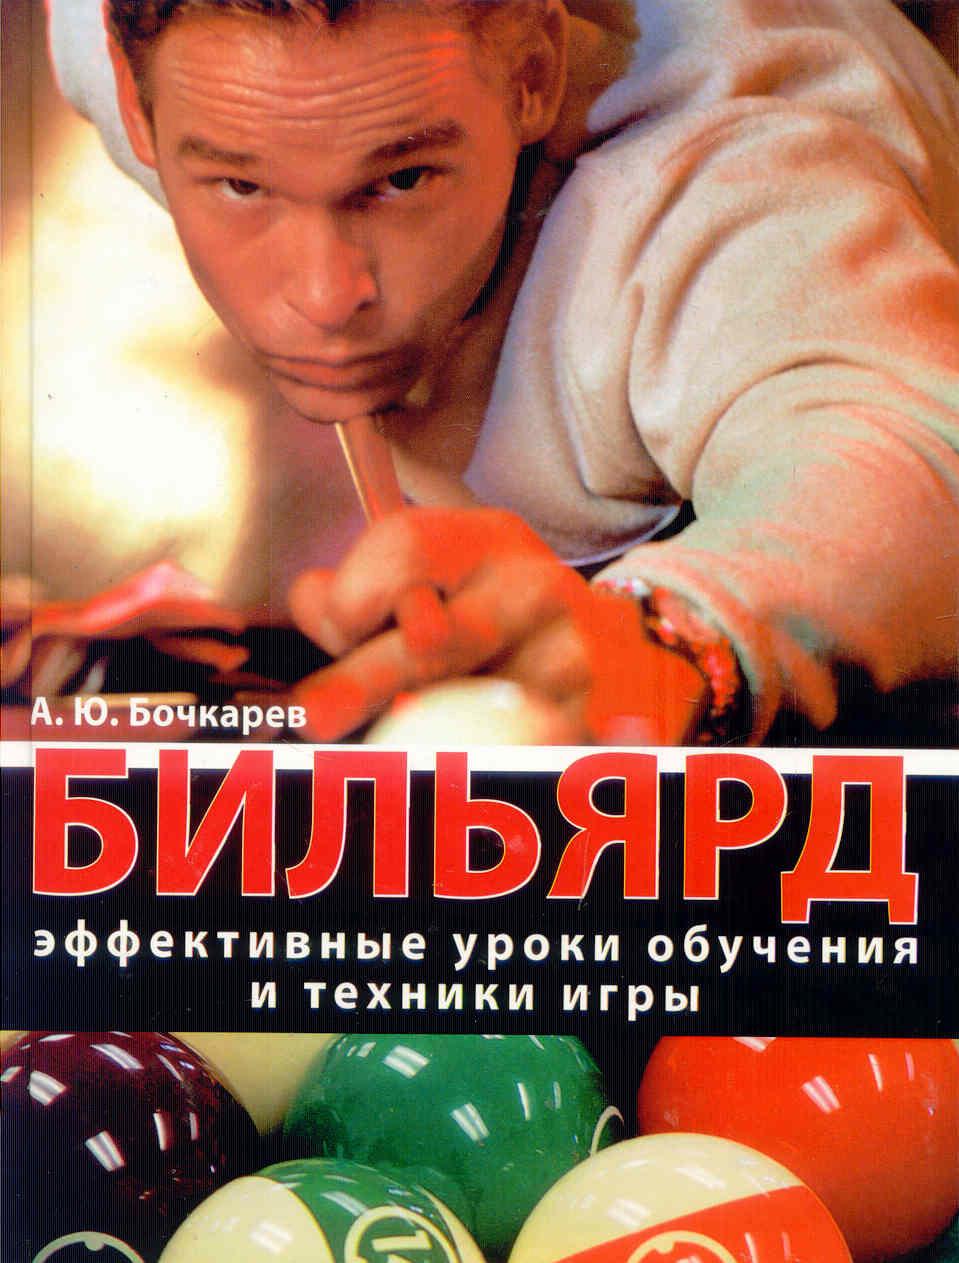 Александр Бочкарев Бильярд. Эффективные уроки обучения и техники игры